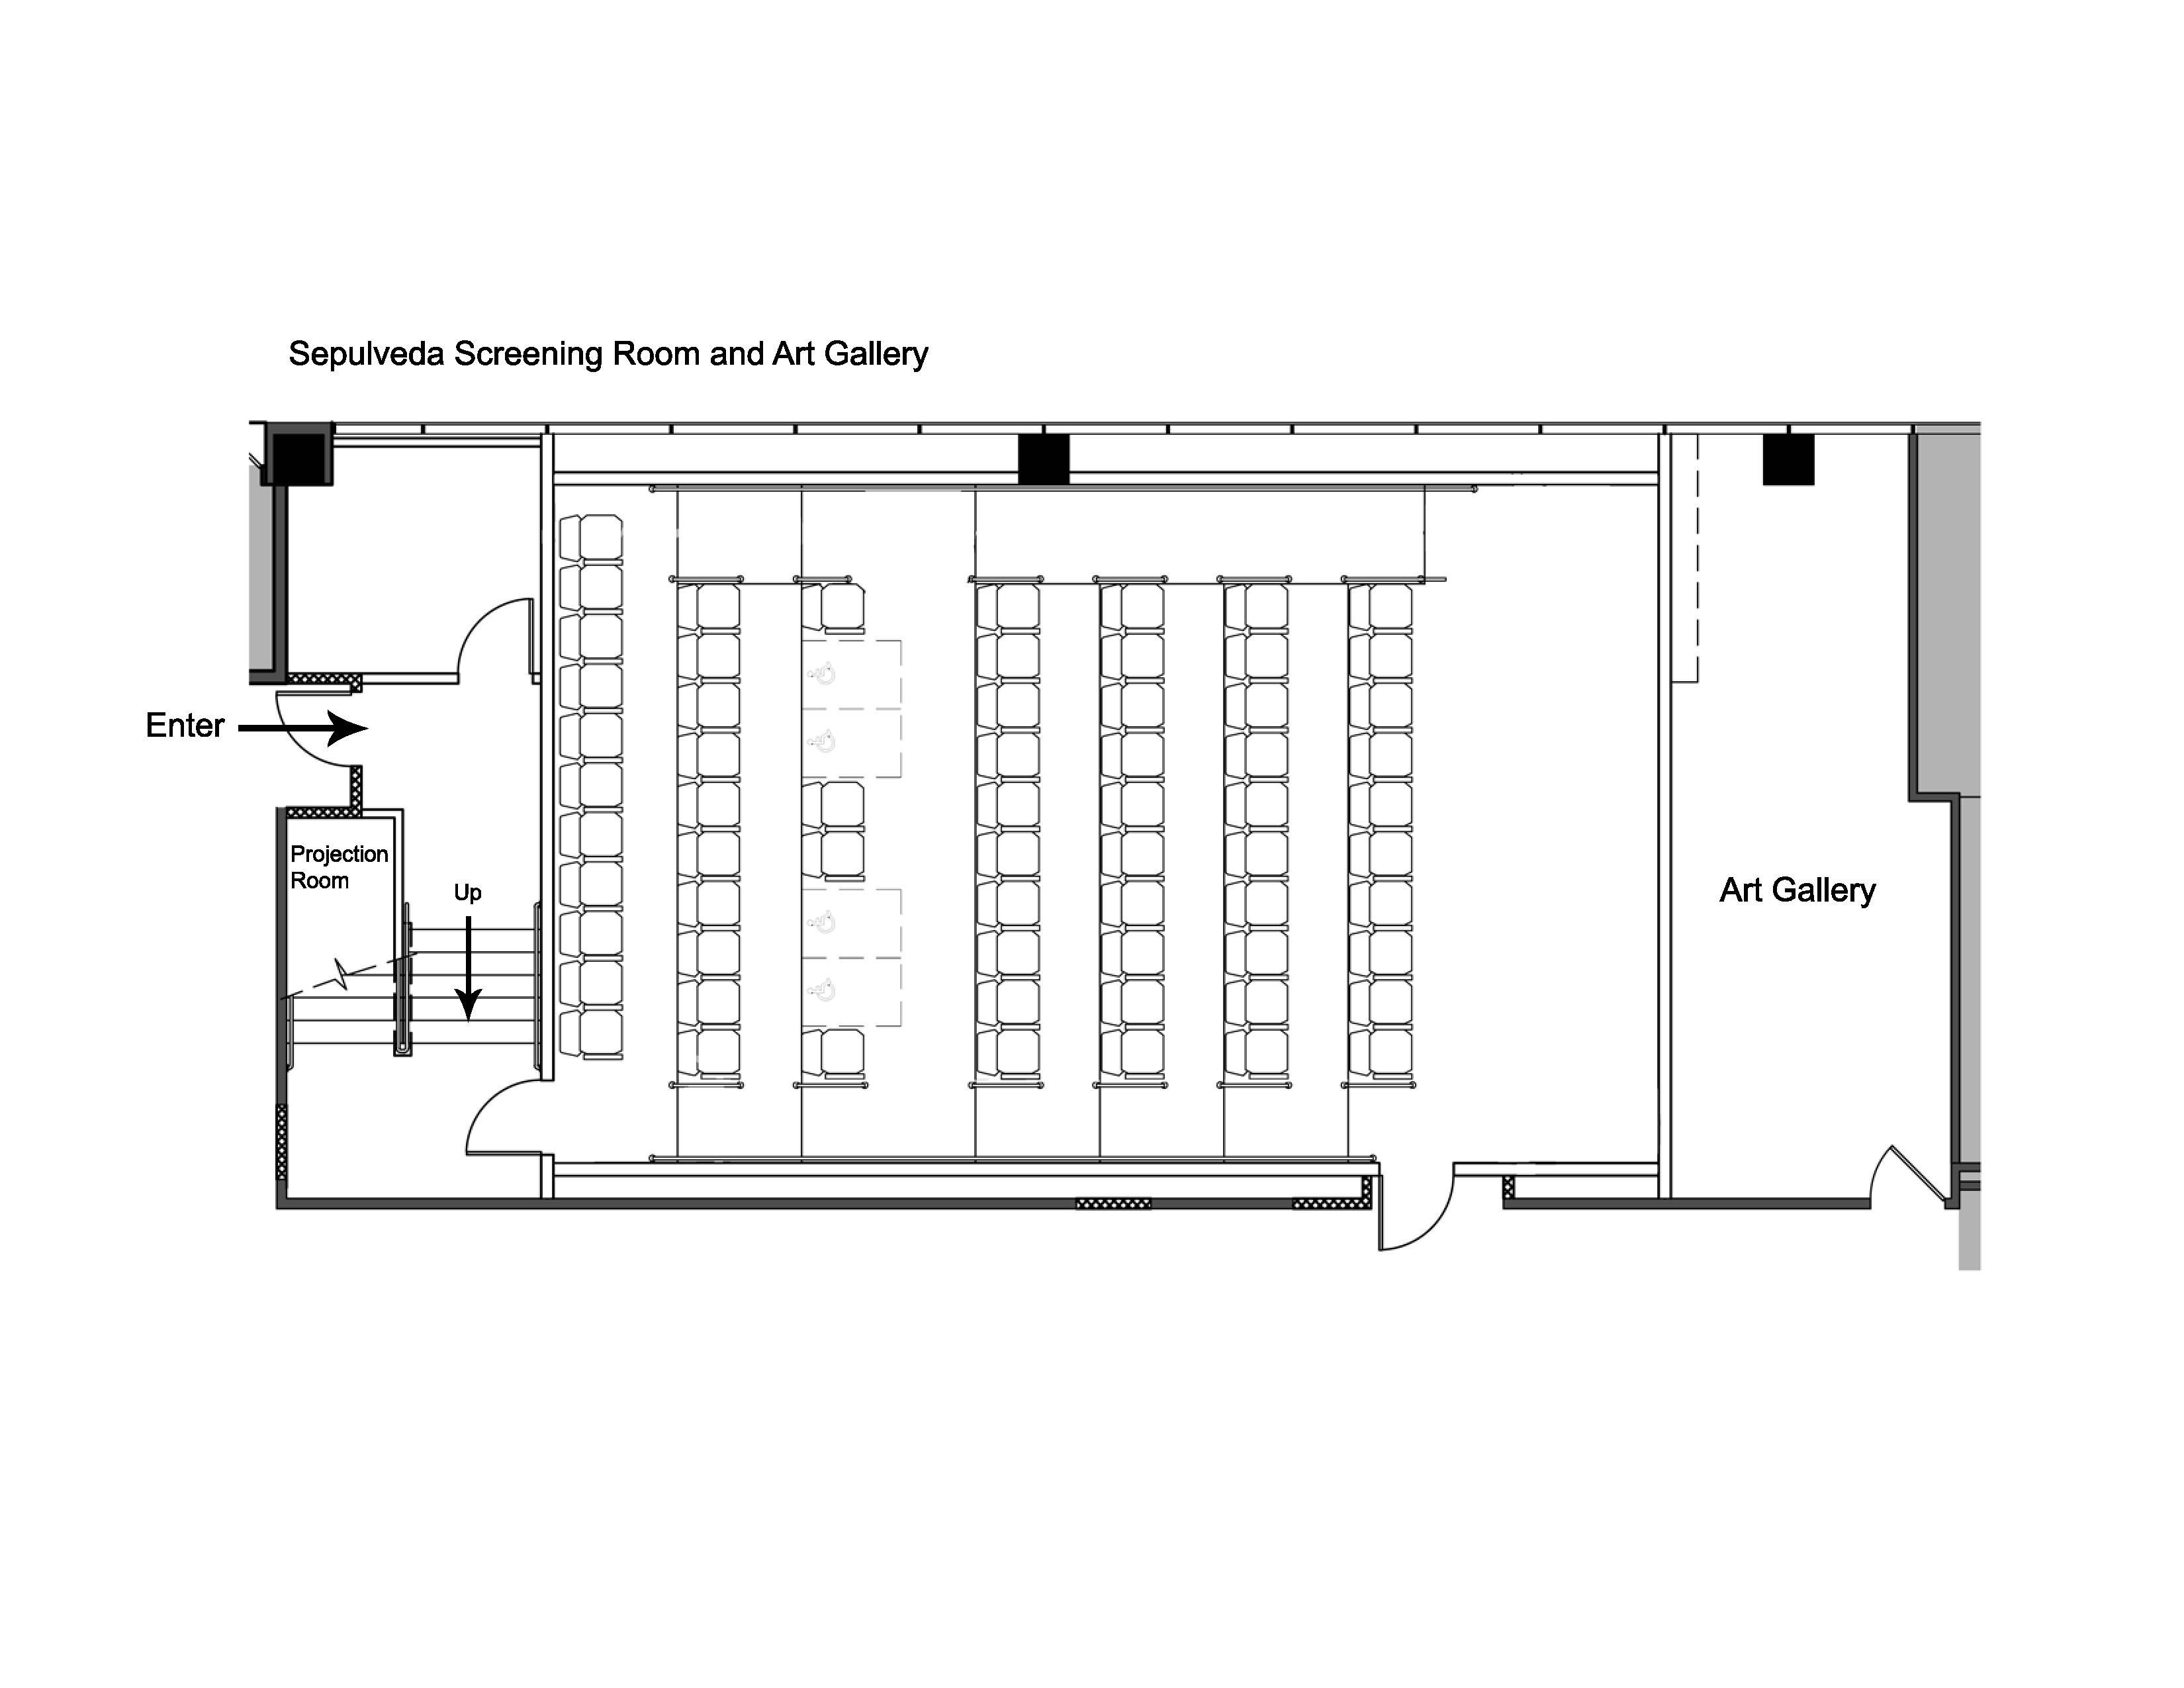 sepulveda screening room floor plan